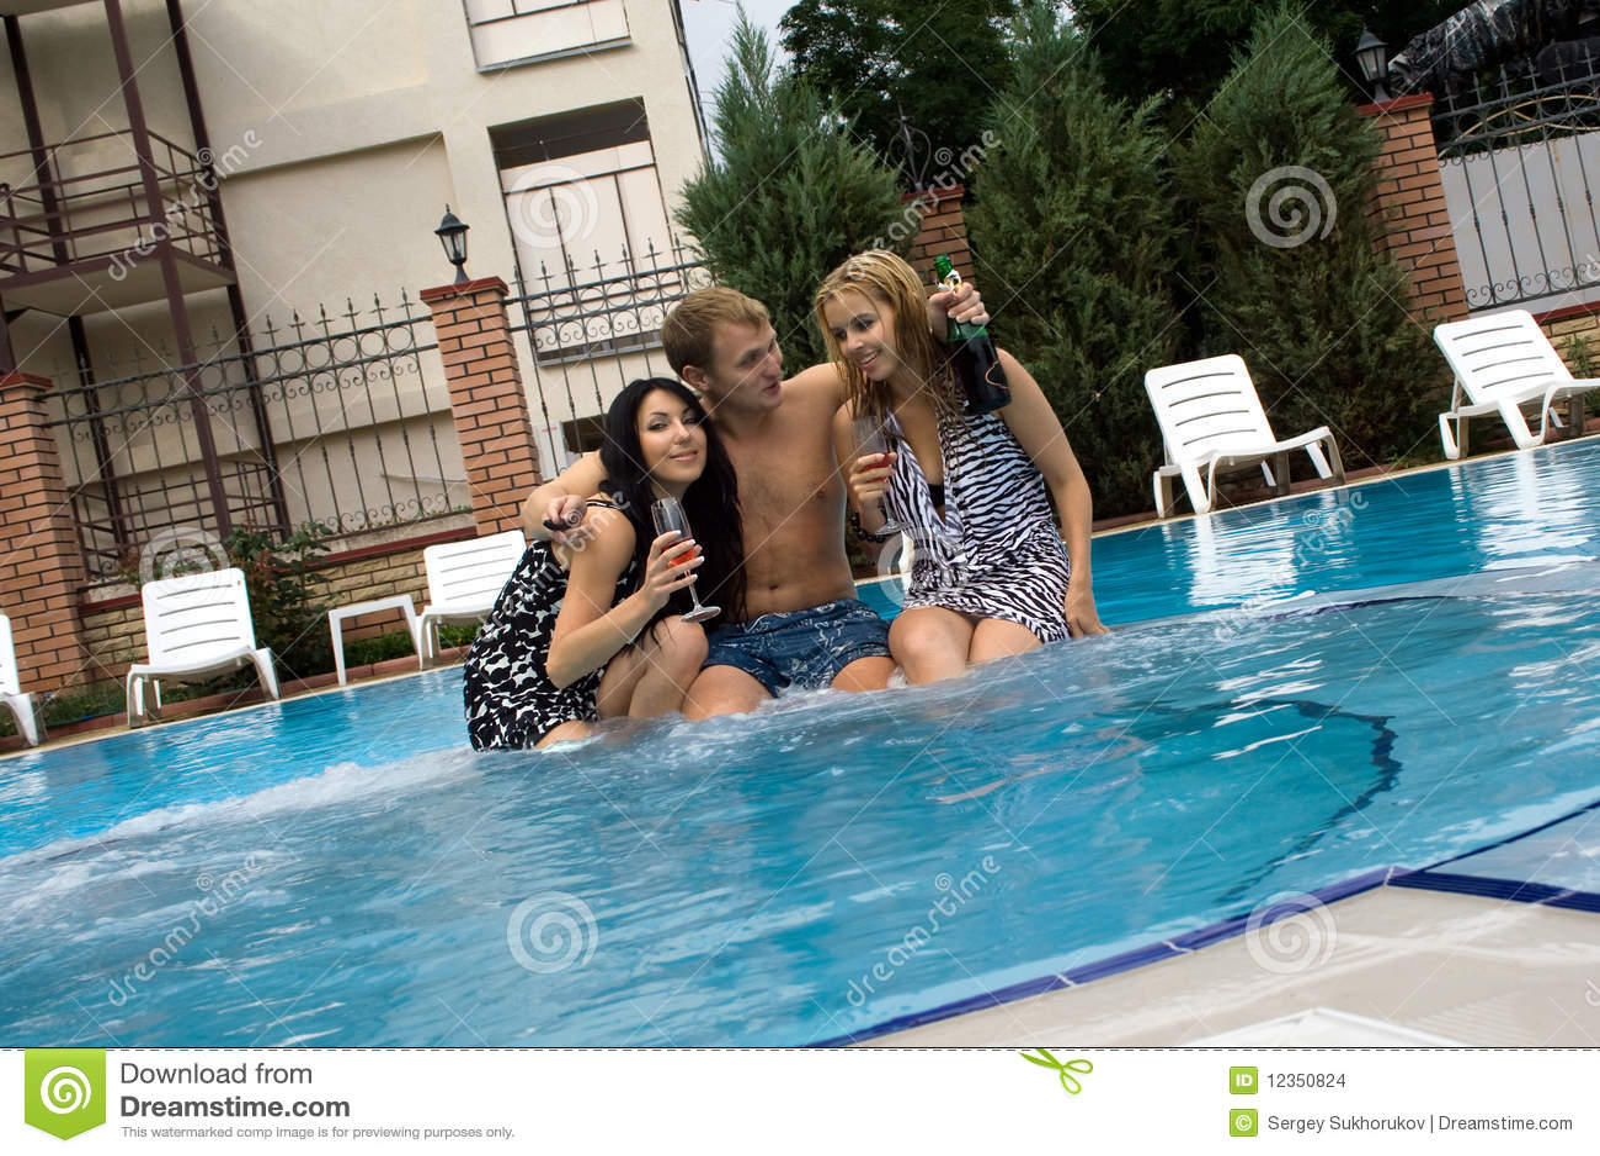 Фото парней в басейне 16 фотография